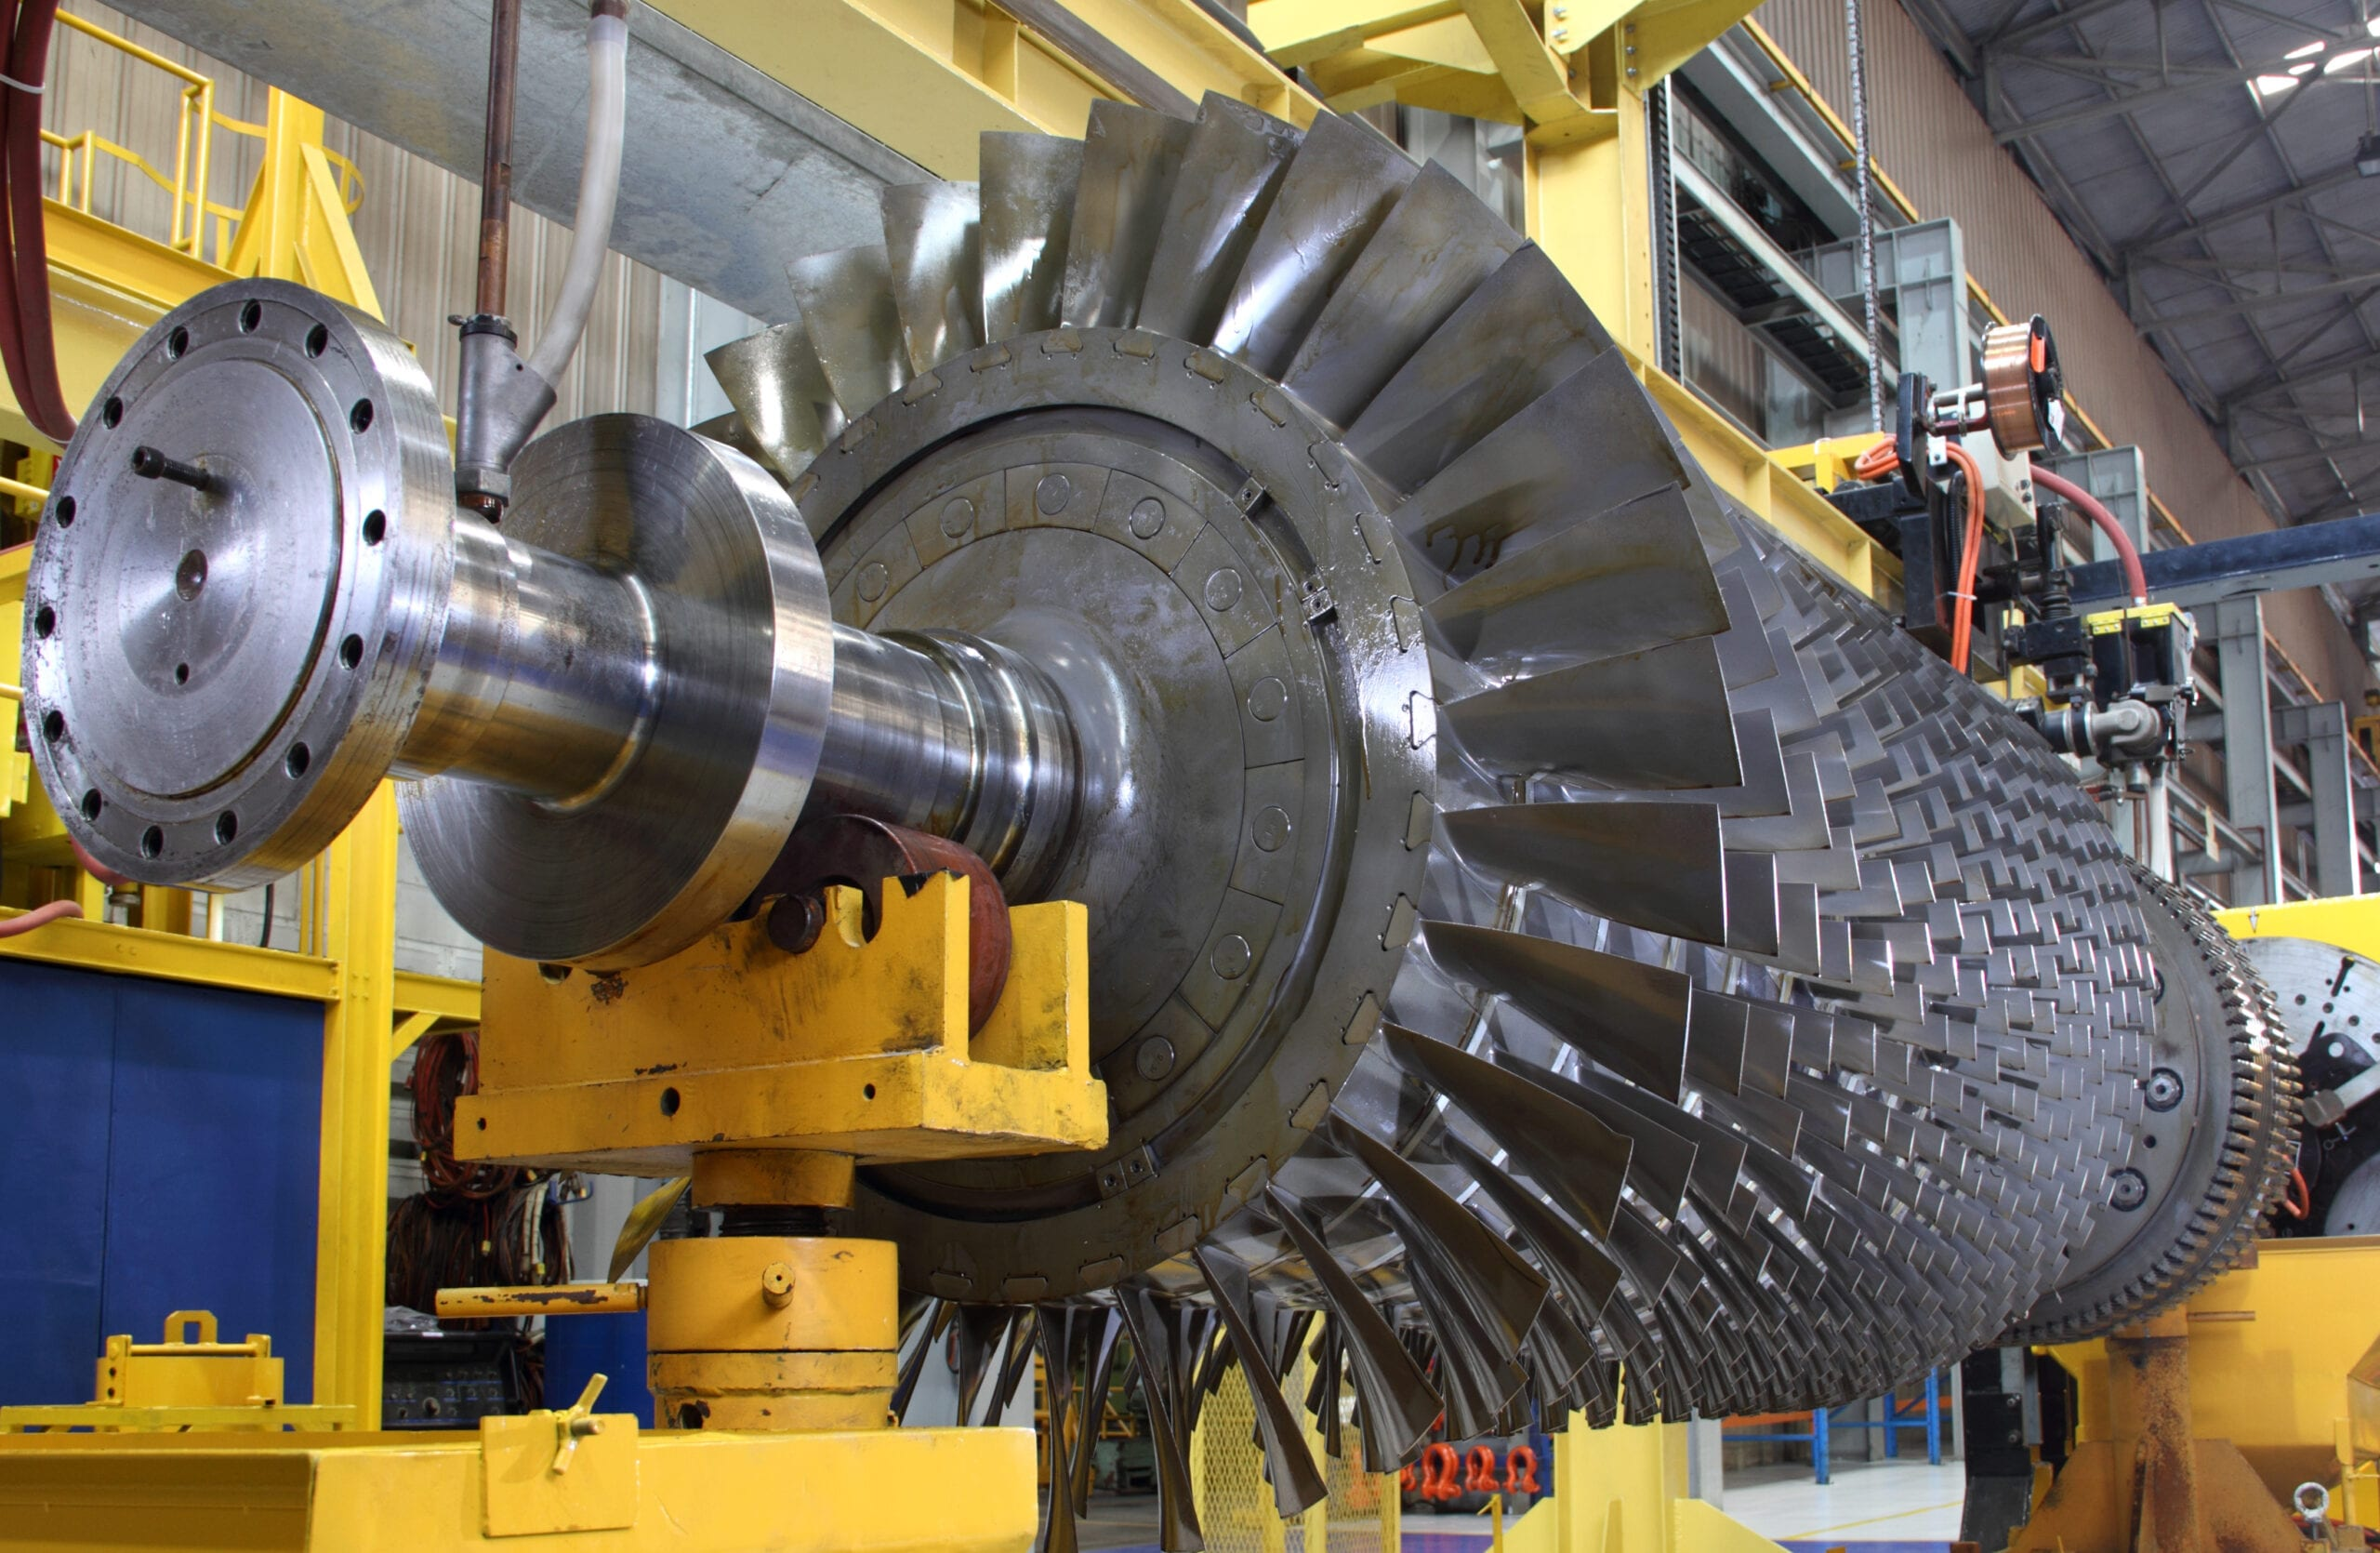 Turbine Rotor on Factory Floor